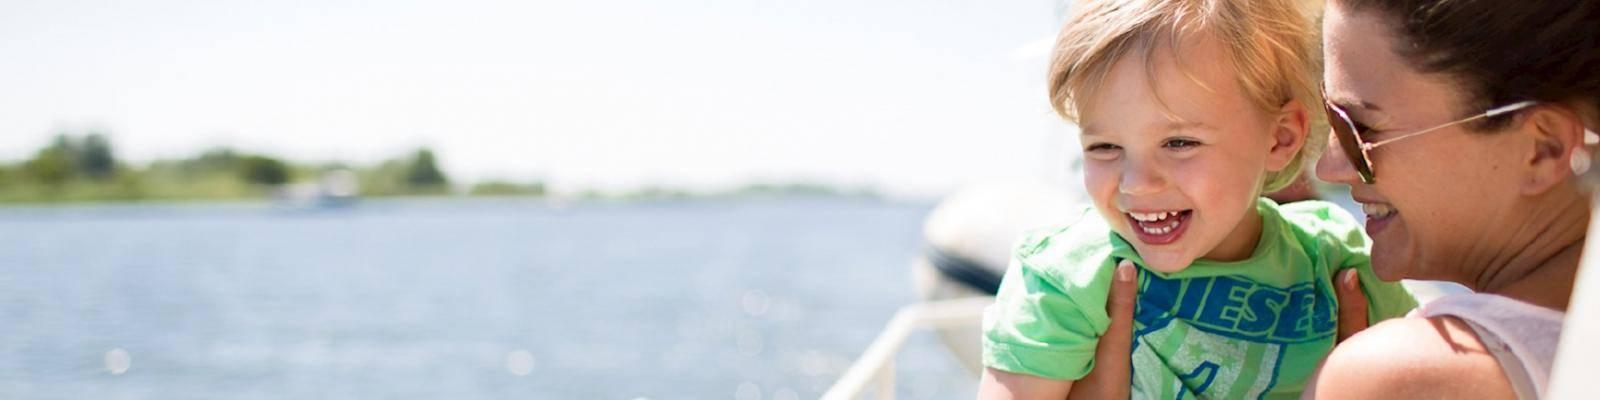 Vrouw met kind op boot